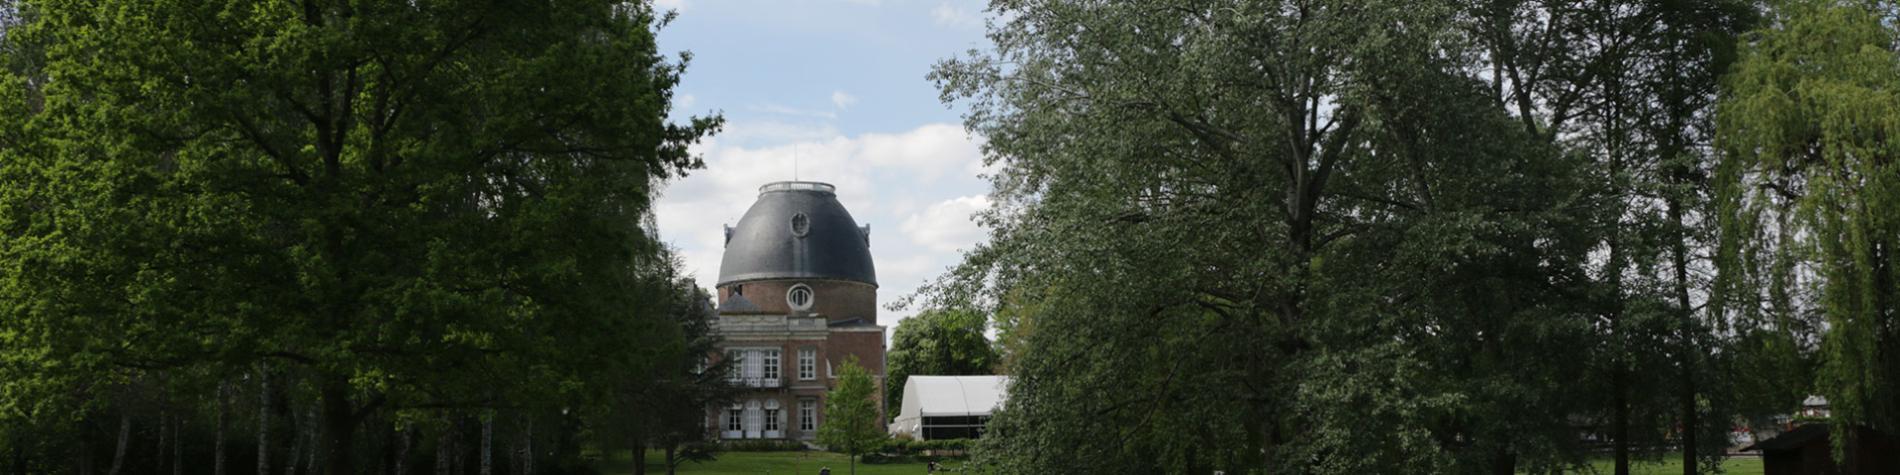 Domaine provincial d'Hélécine - Brabant wallon - Château